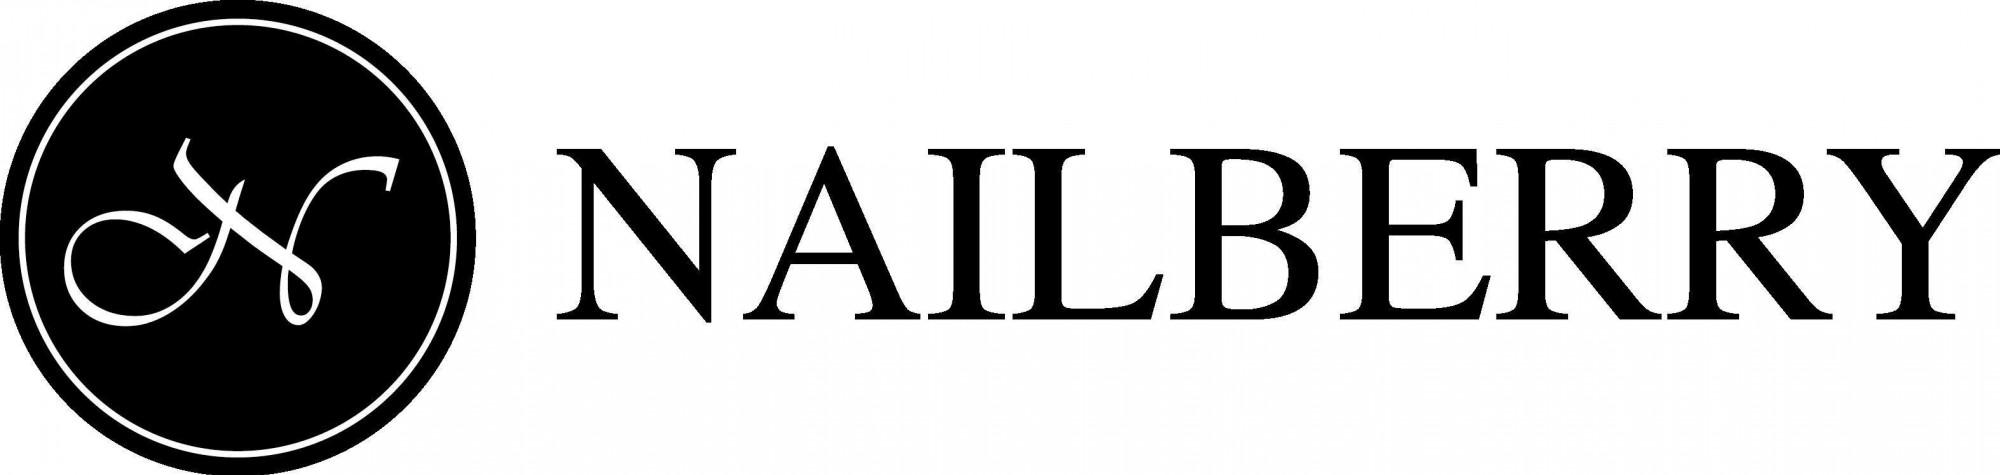 Nailberrys logo